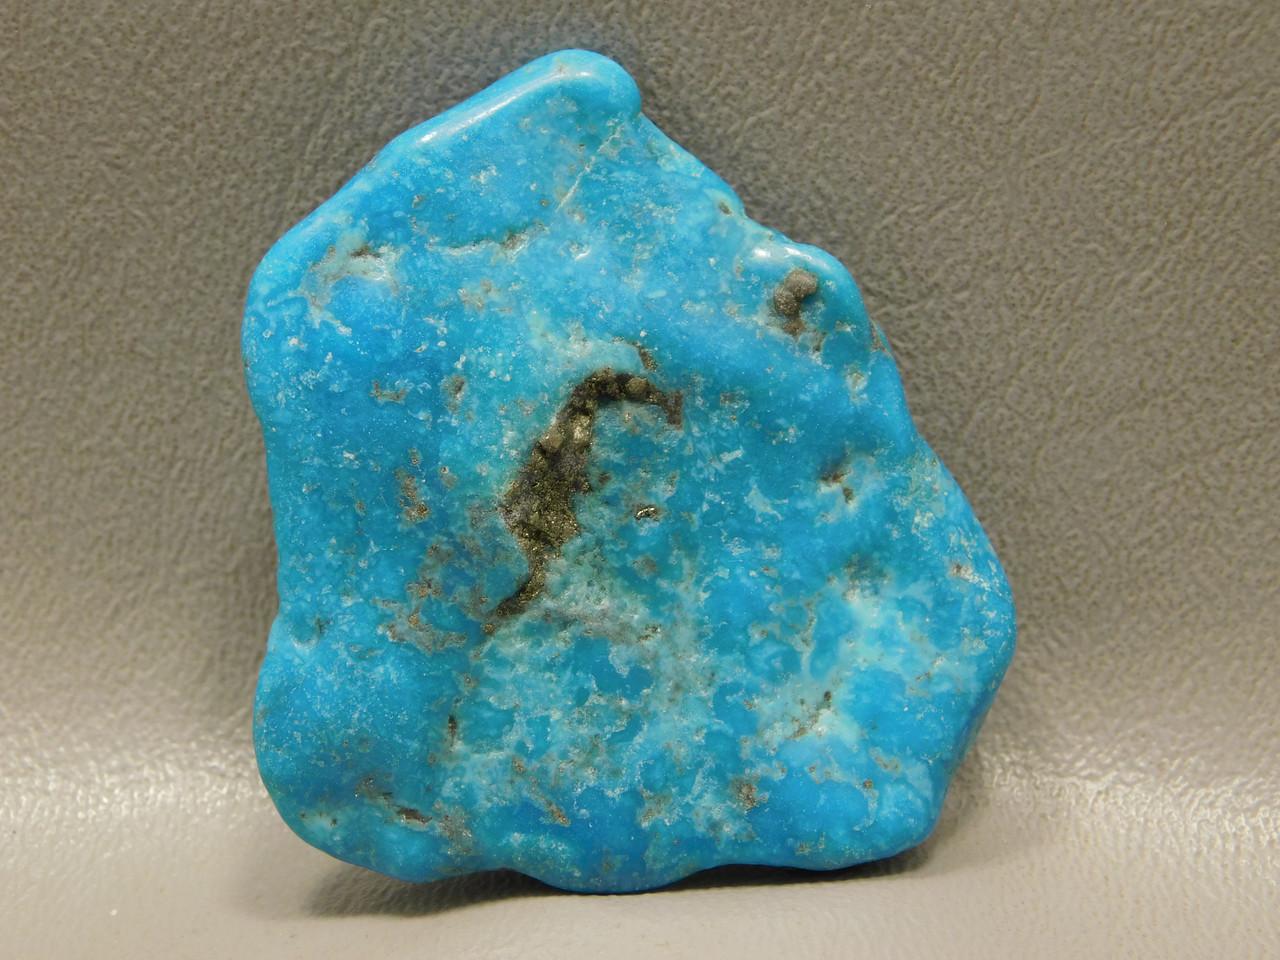 Large Polished Turquoise Nugget Tumble Cabochon Blue Stone #N4